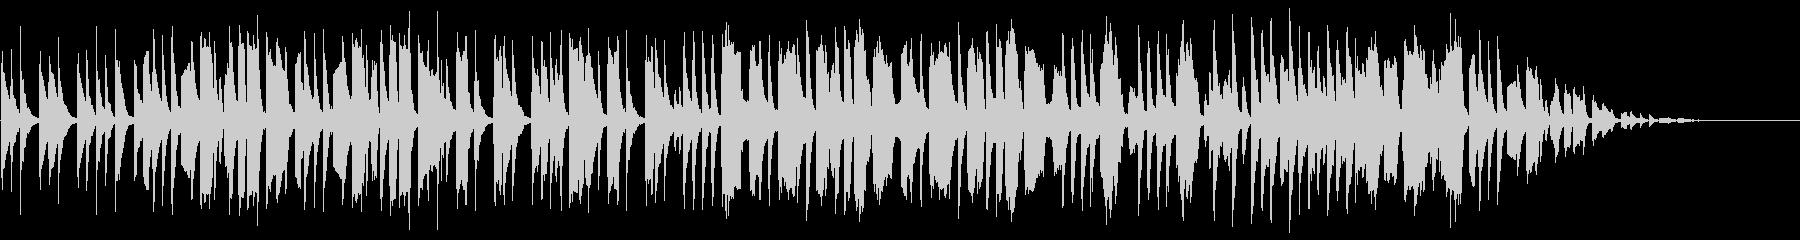 弦楽器と管楽器のほのぼのとしたBGMの未再生の波形